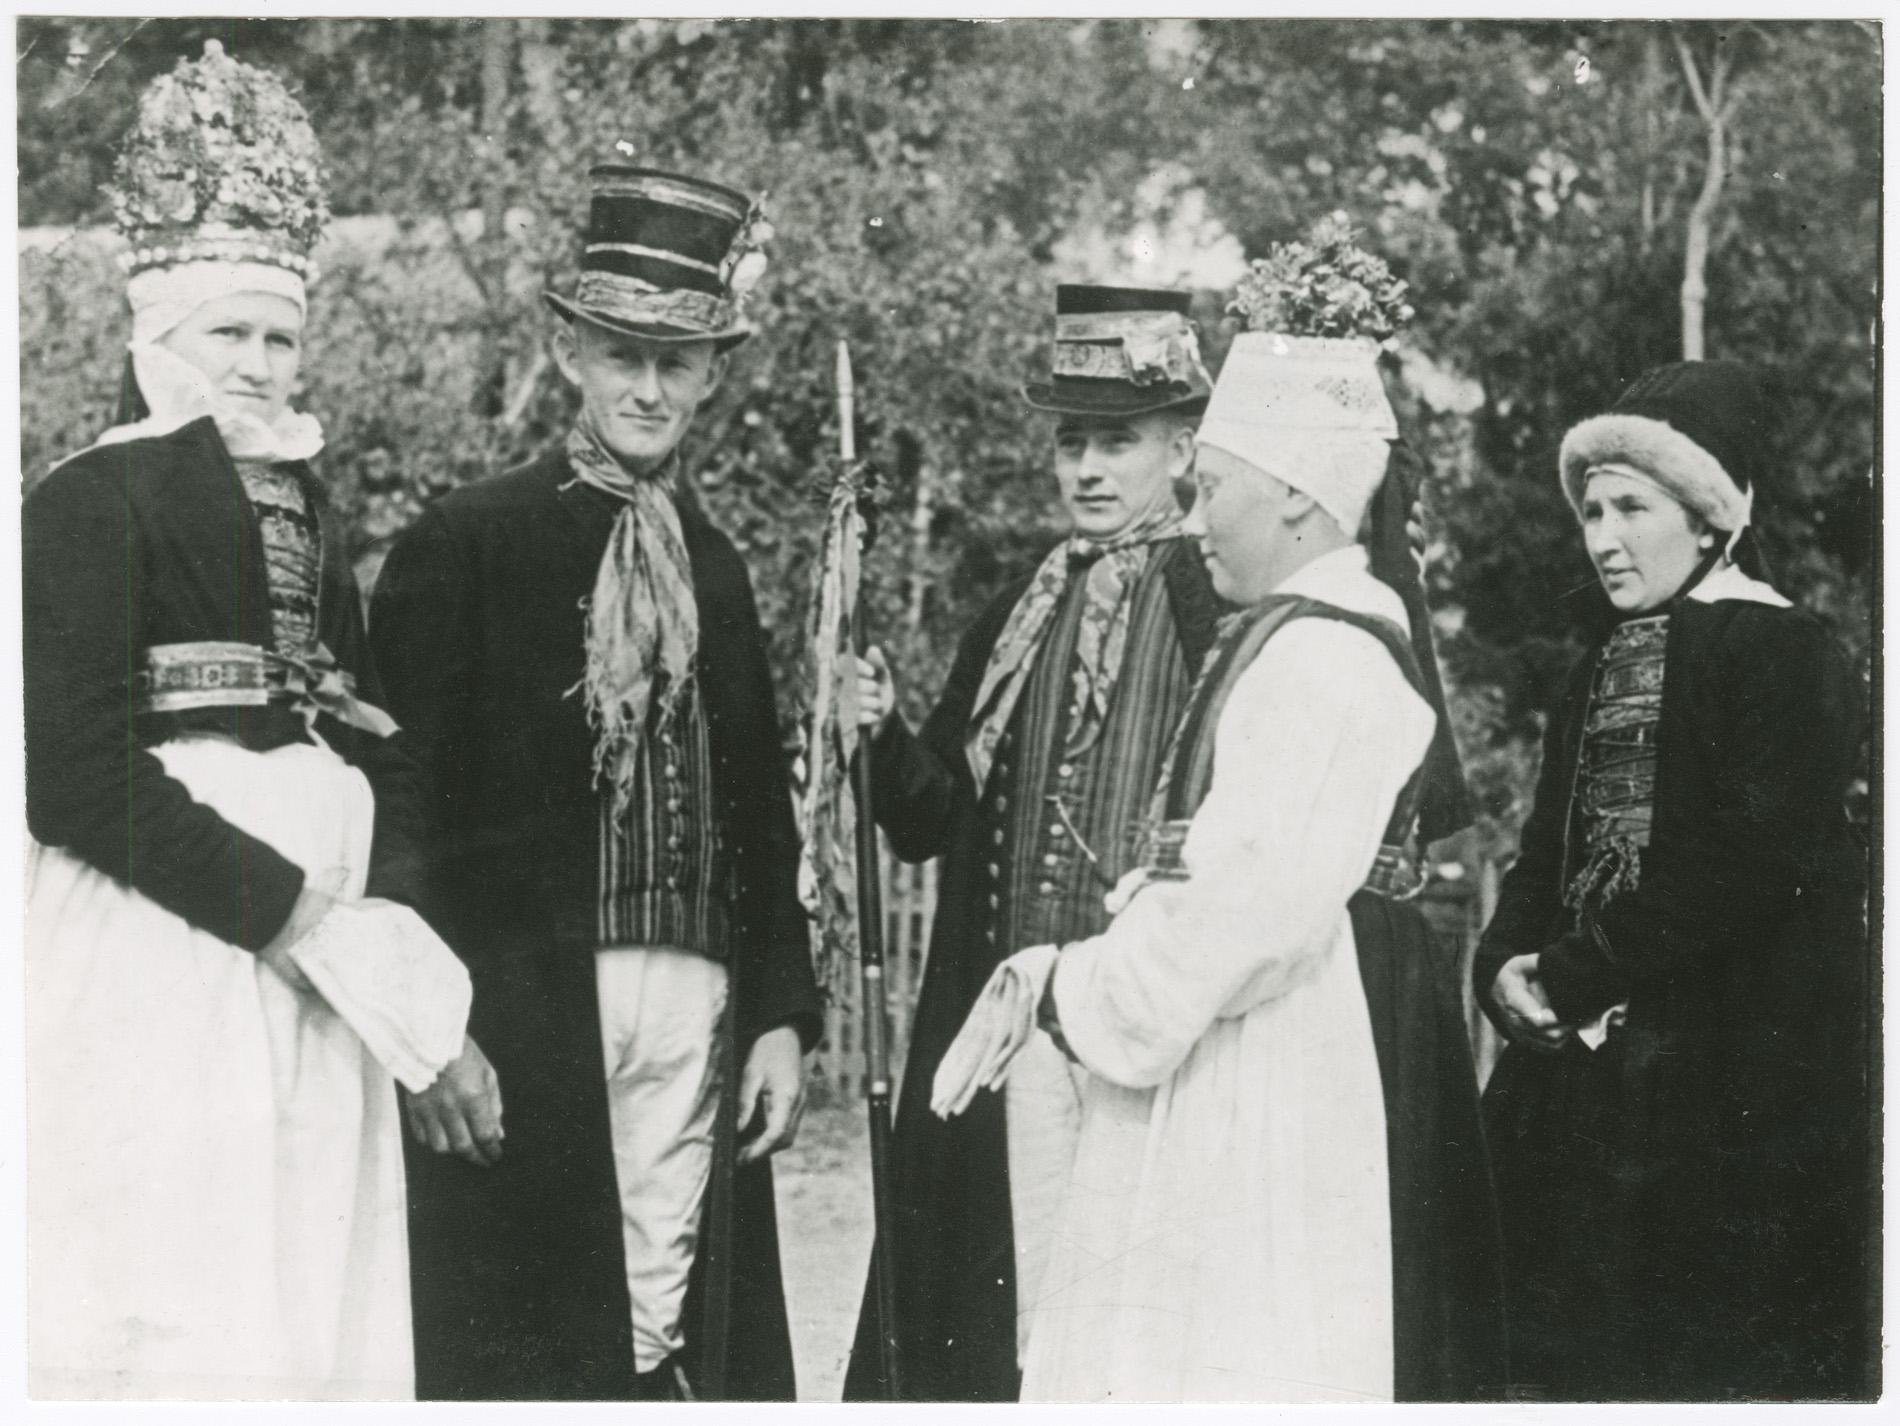 Wesele - stroje galowe dawnych mieszkańców Jamna. Zdjęcie z początku XX wieku